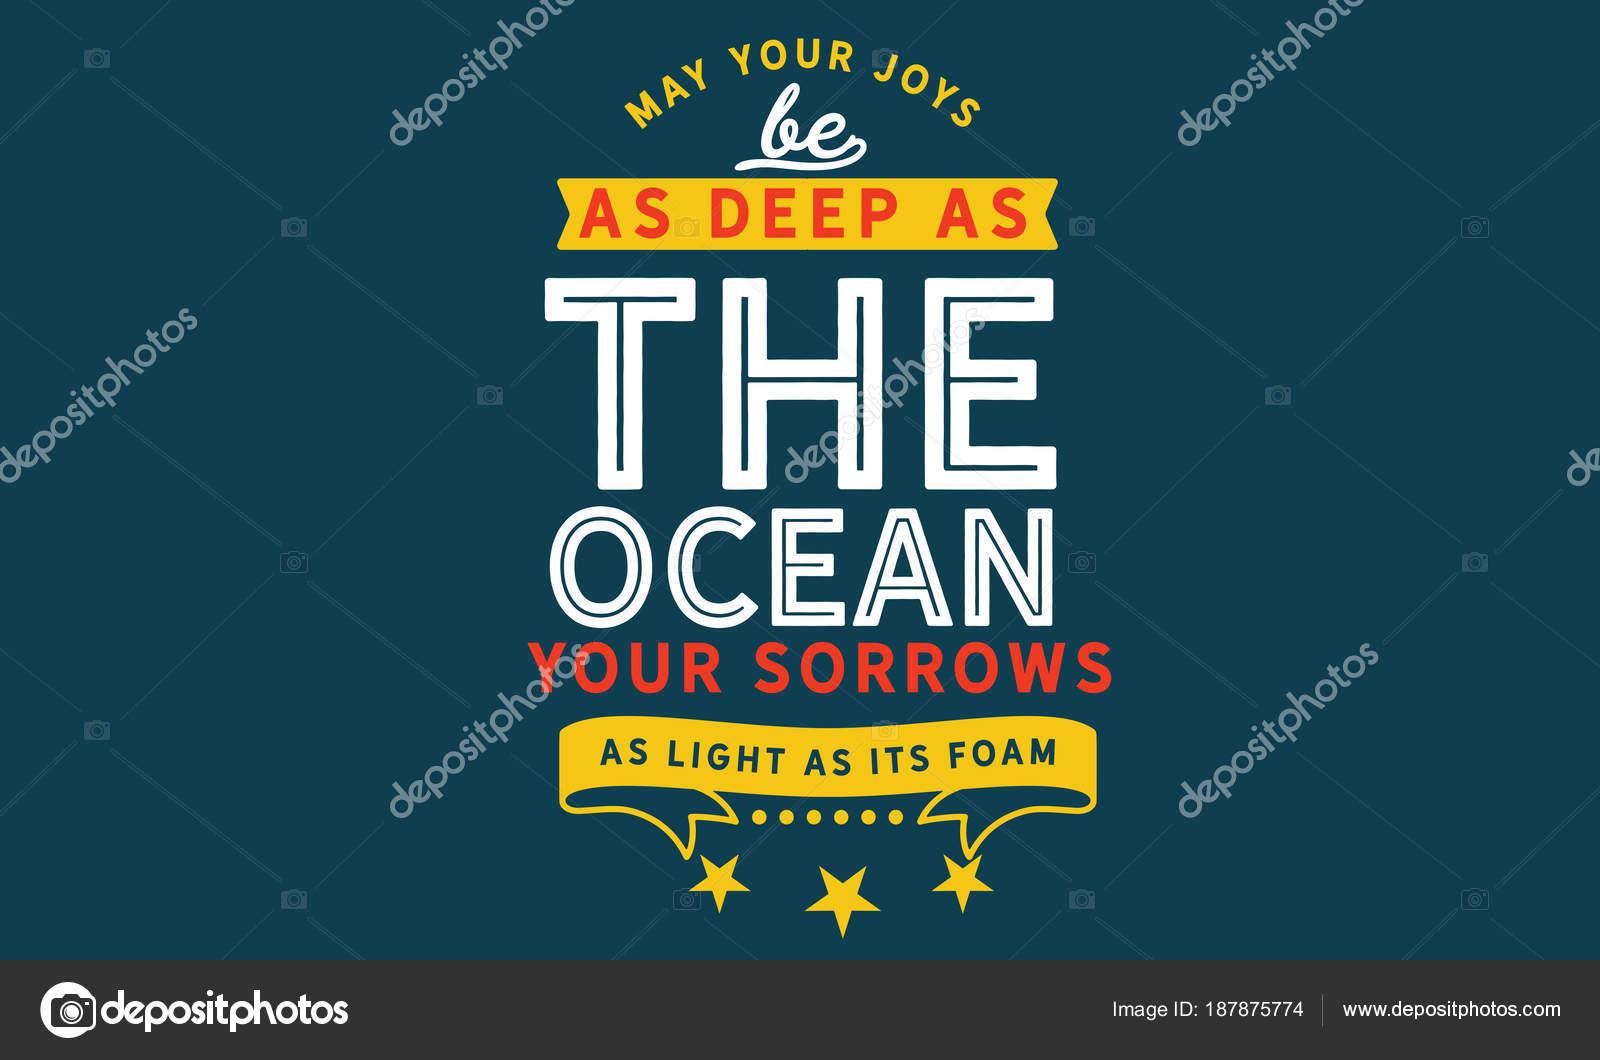 Möglicherweise Ihre Freuden Tief Wie Der Ozean Deine Schmerzen